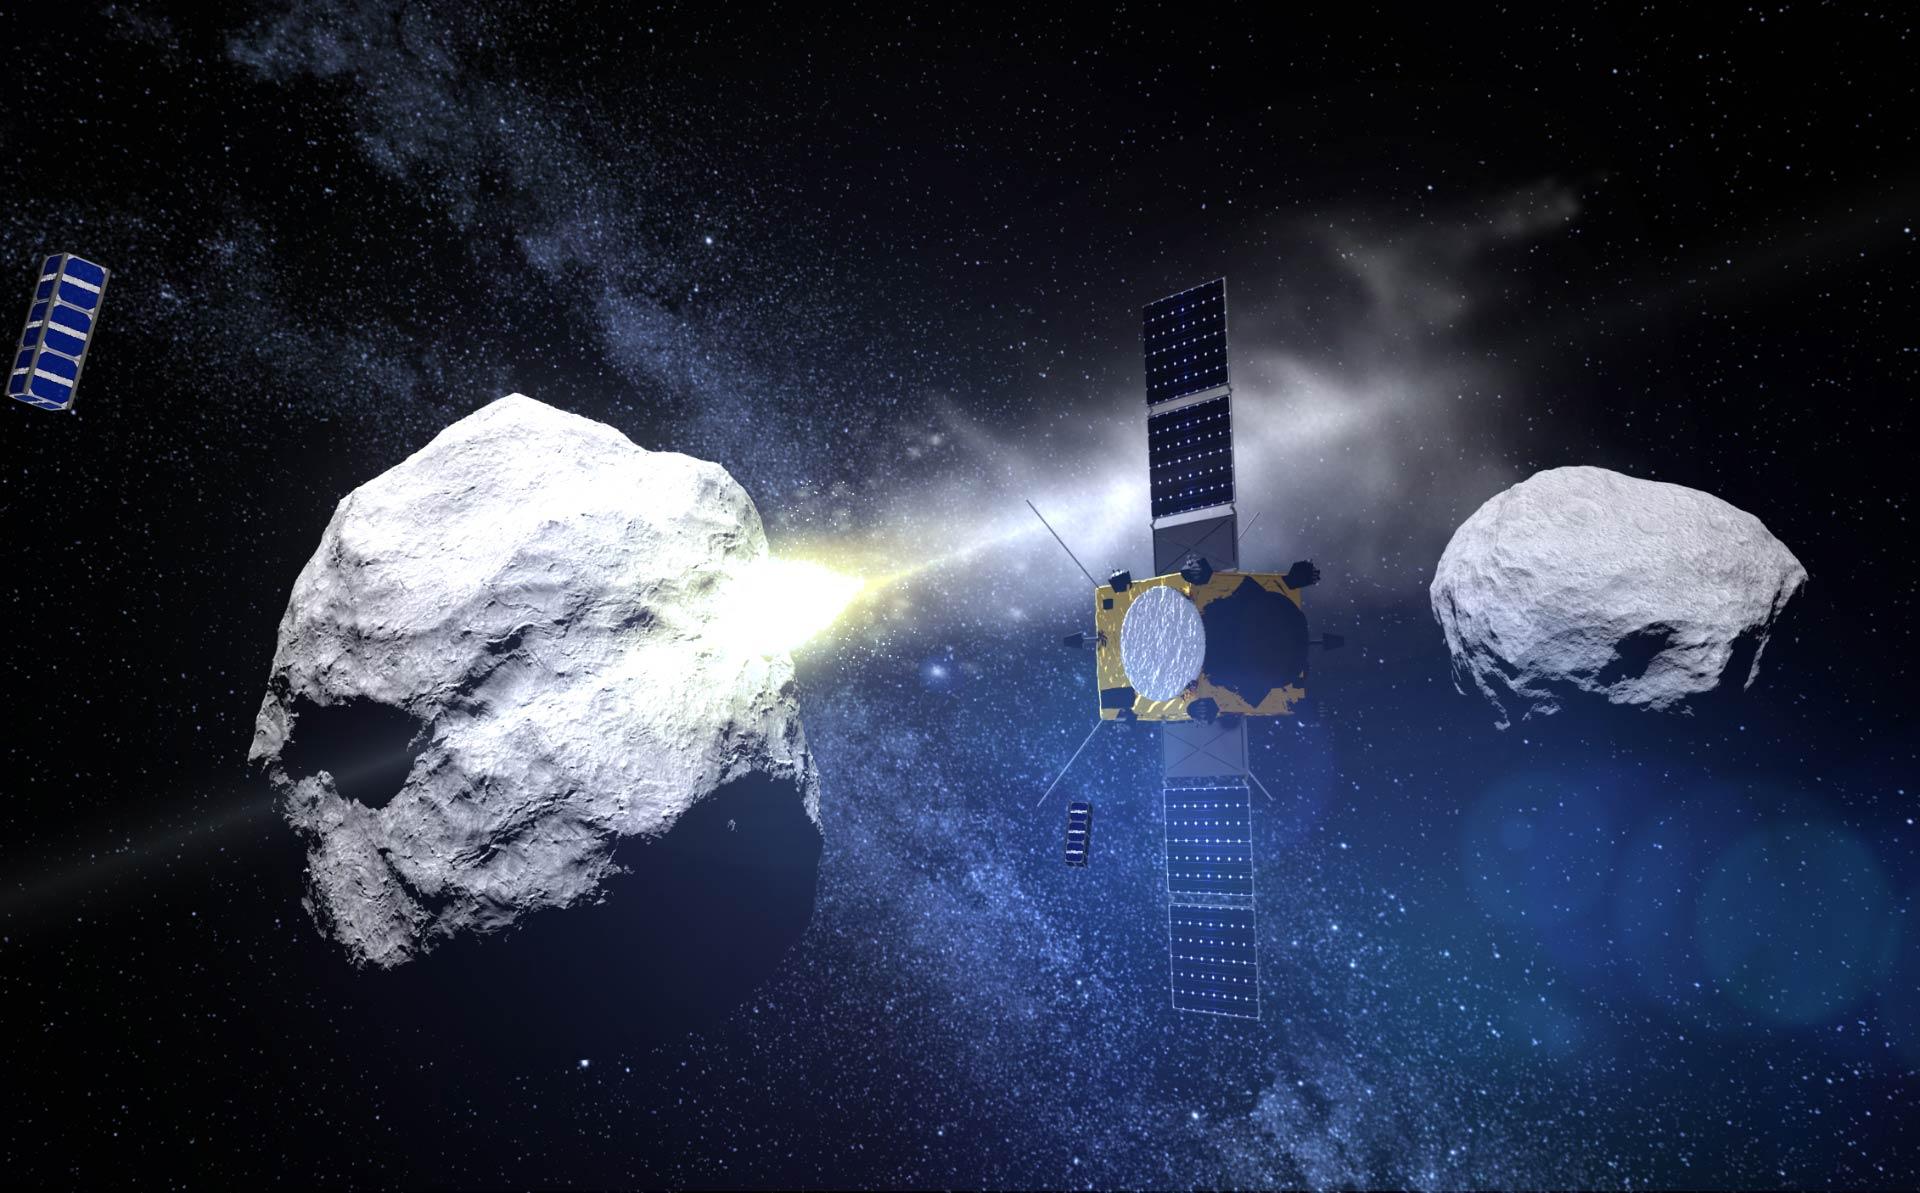 SpaceX примет участие впроекте DART, врамках которого NASA протаранит астероид